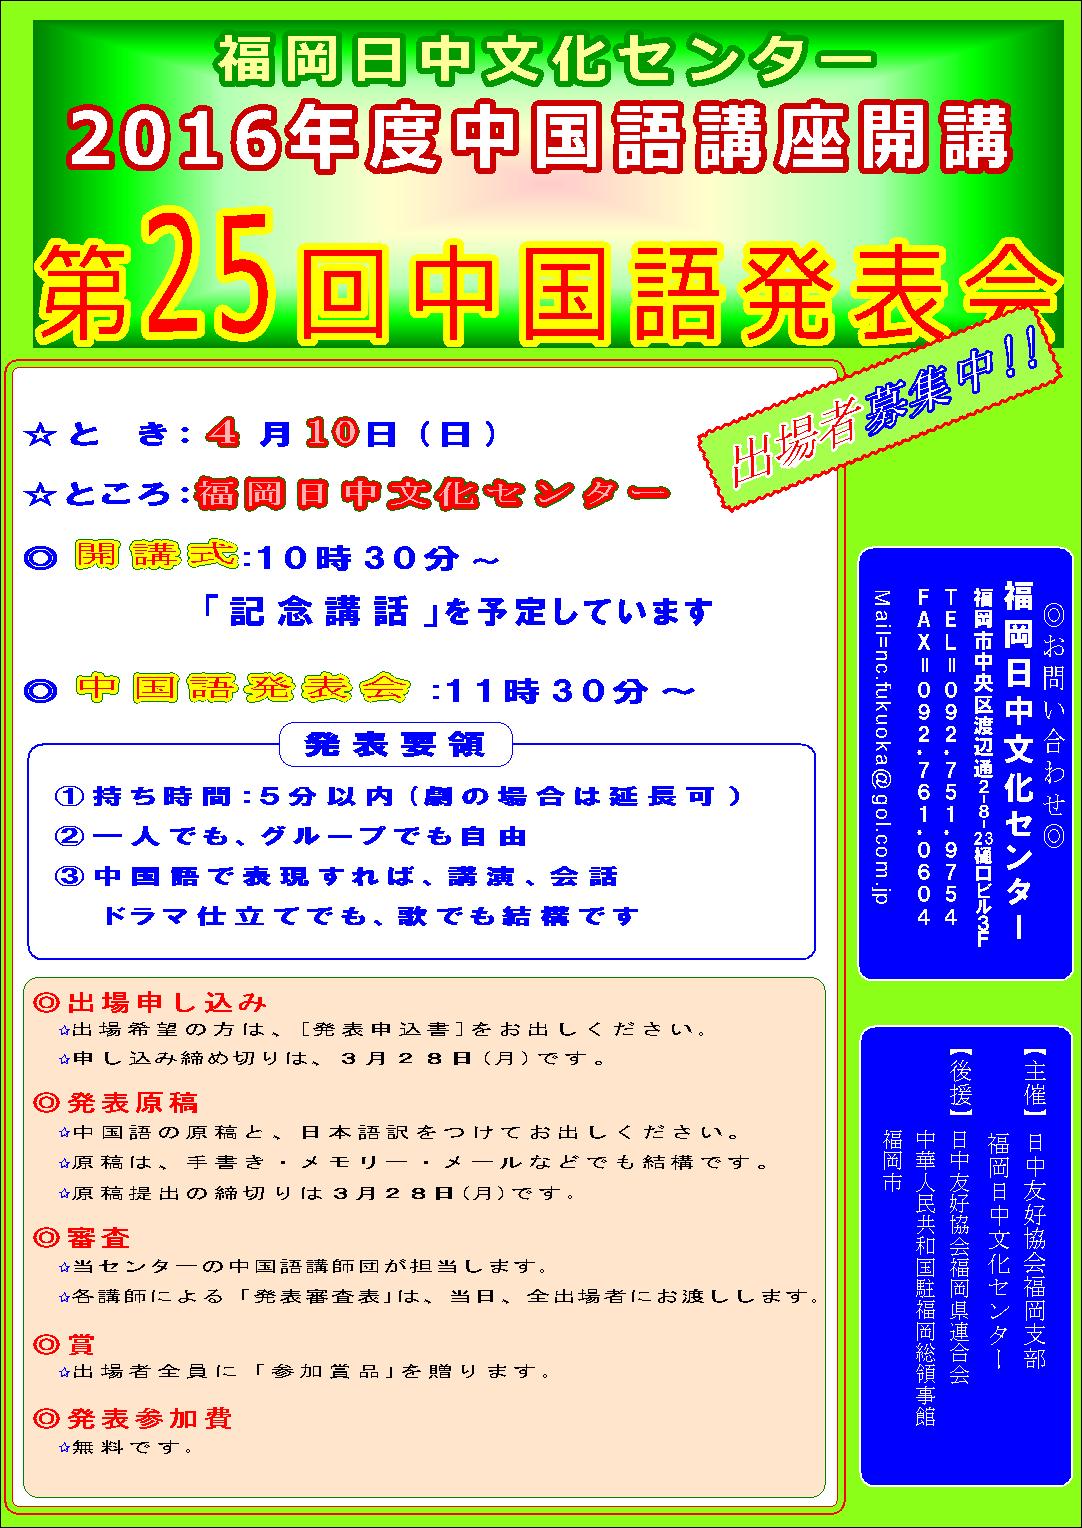 """第25回 中国語発表会 """"出場者募集中!!""""  4月10日(日)"""